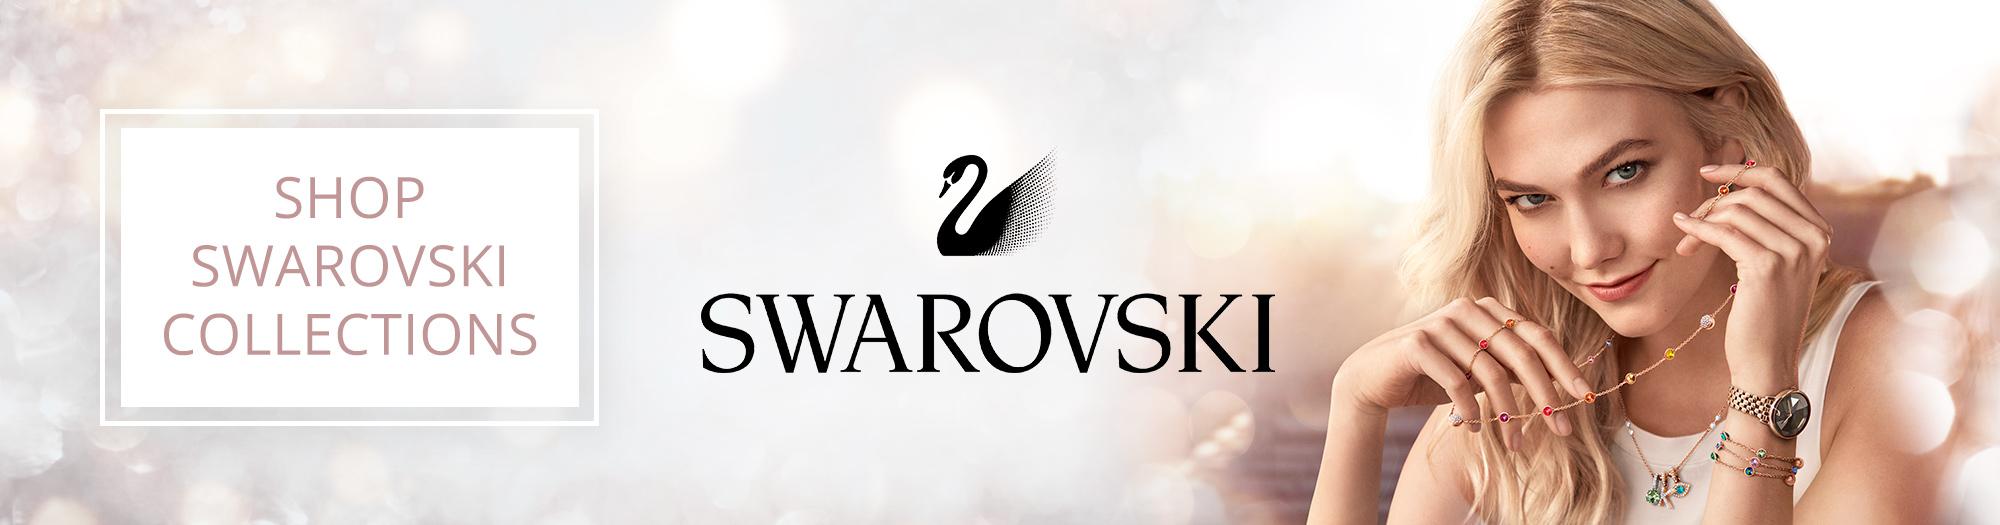 Swarovski Collections - Summer